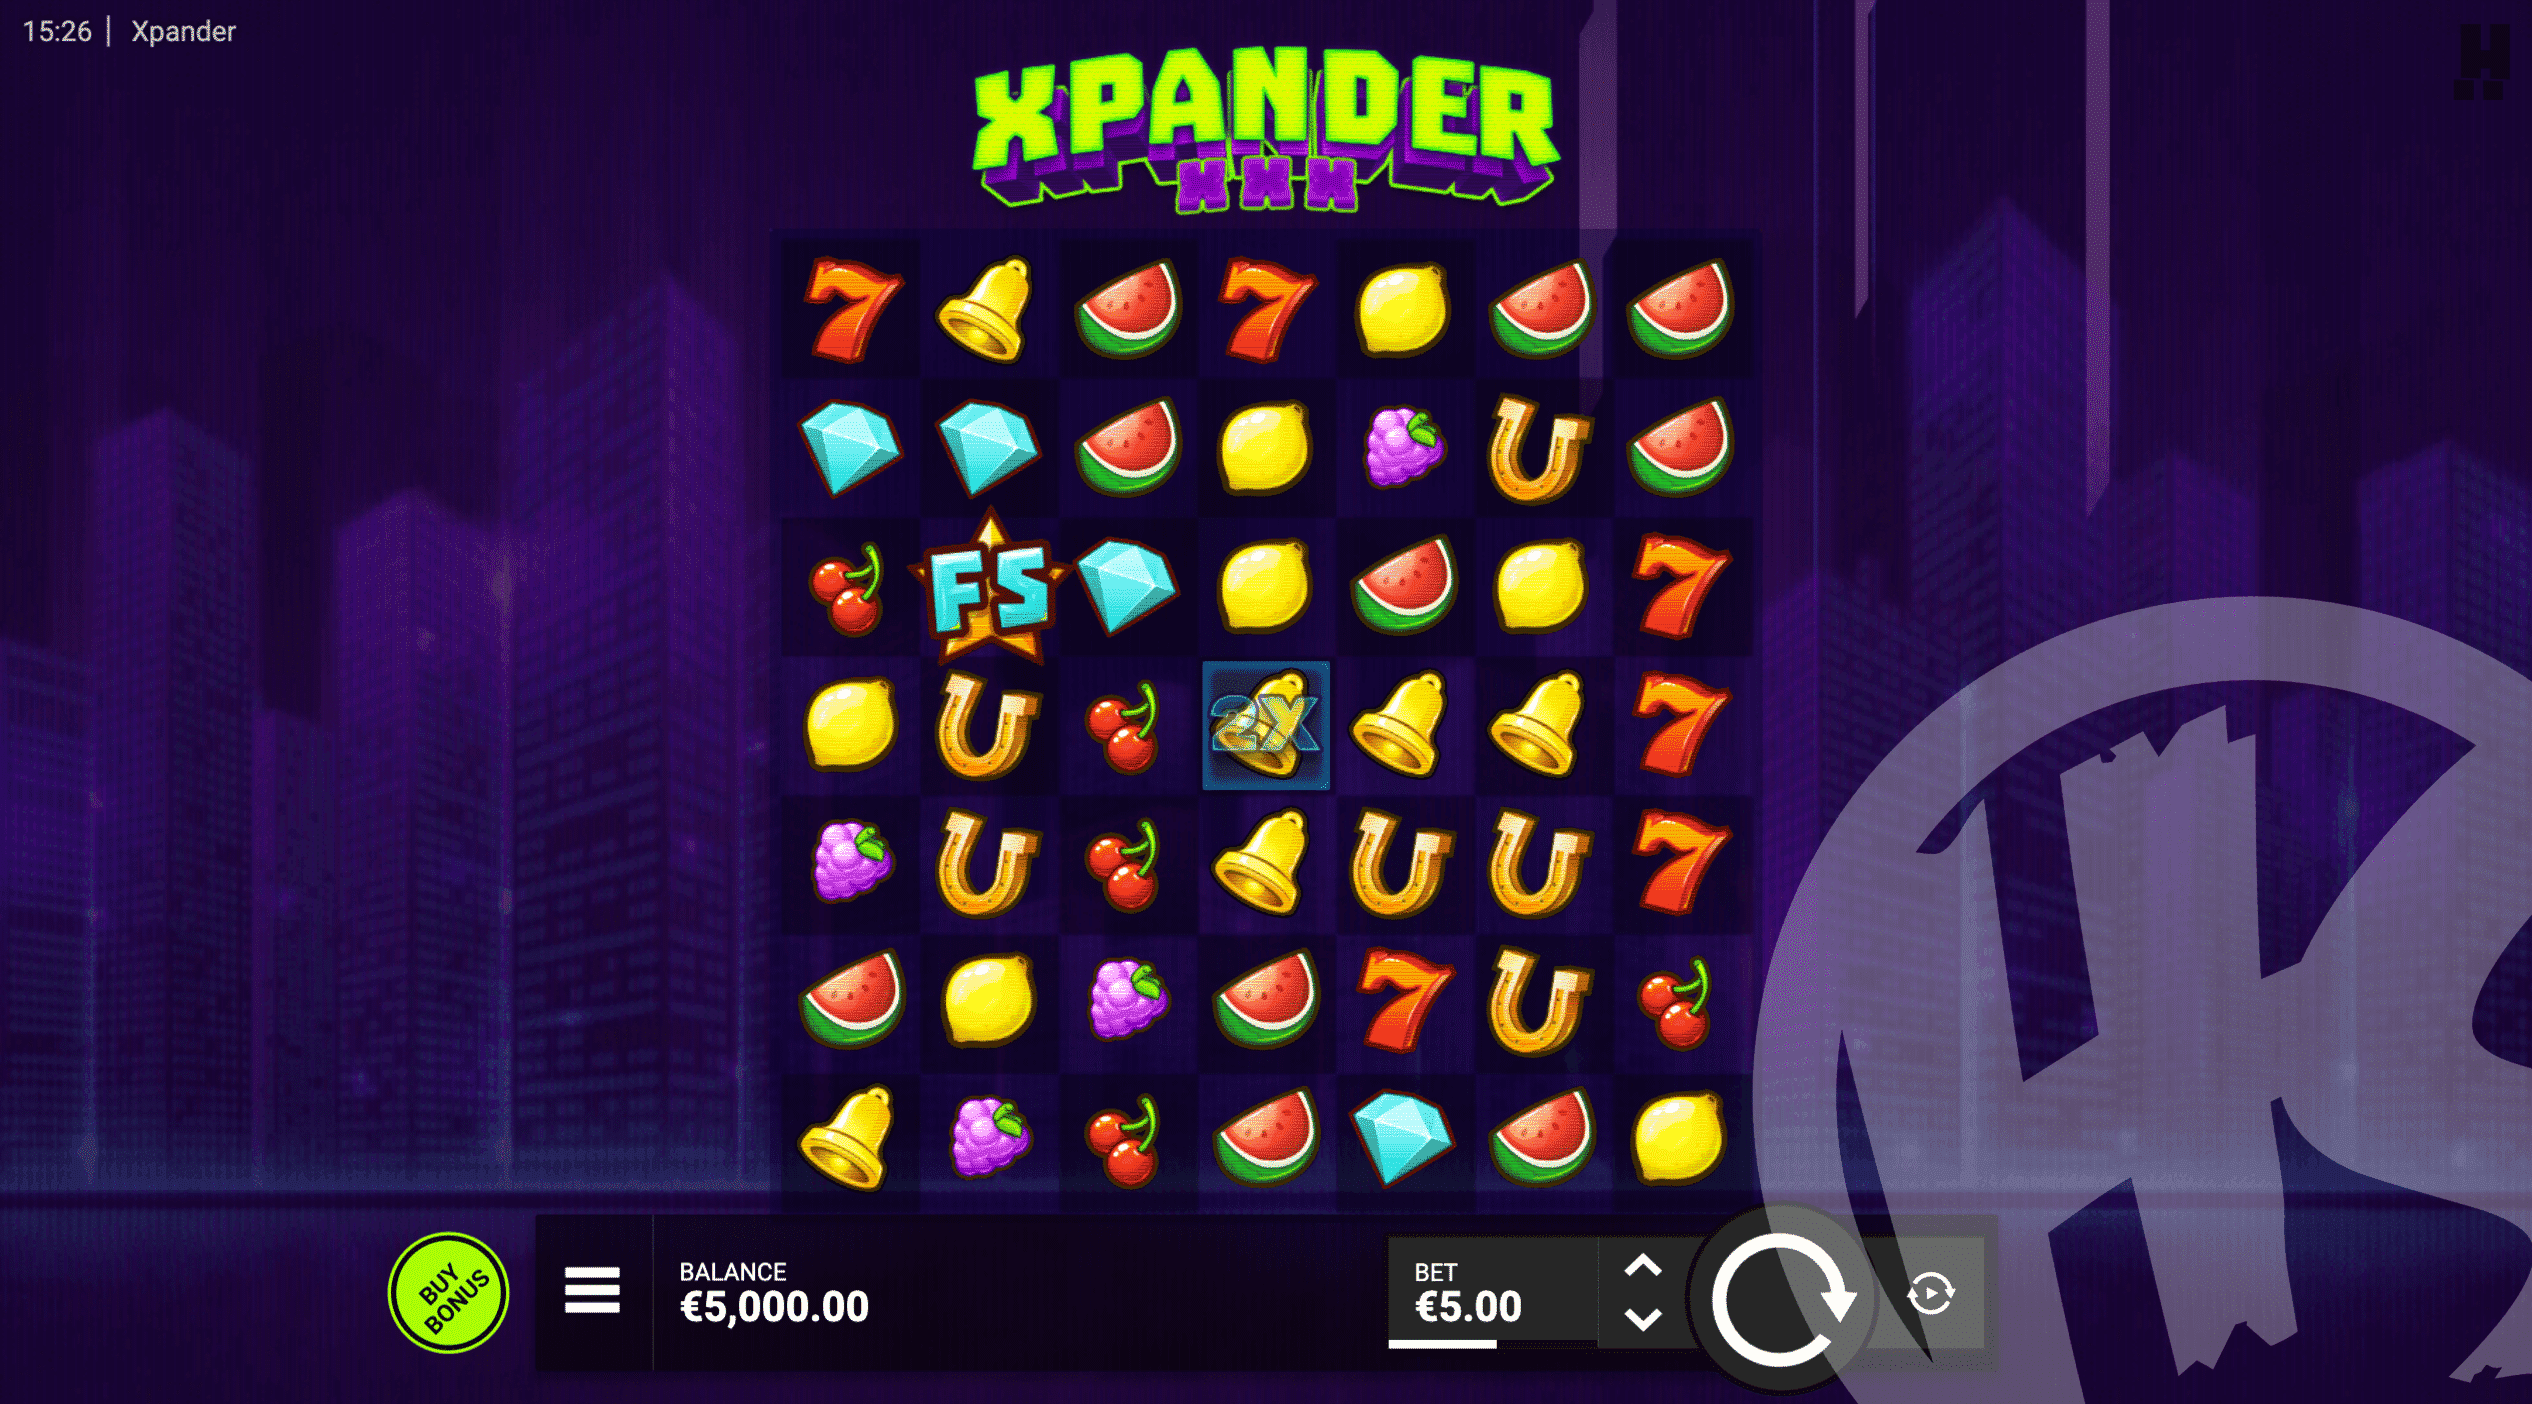 Xpander Base Game